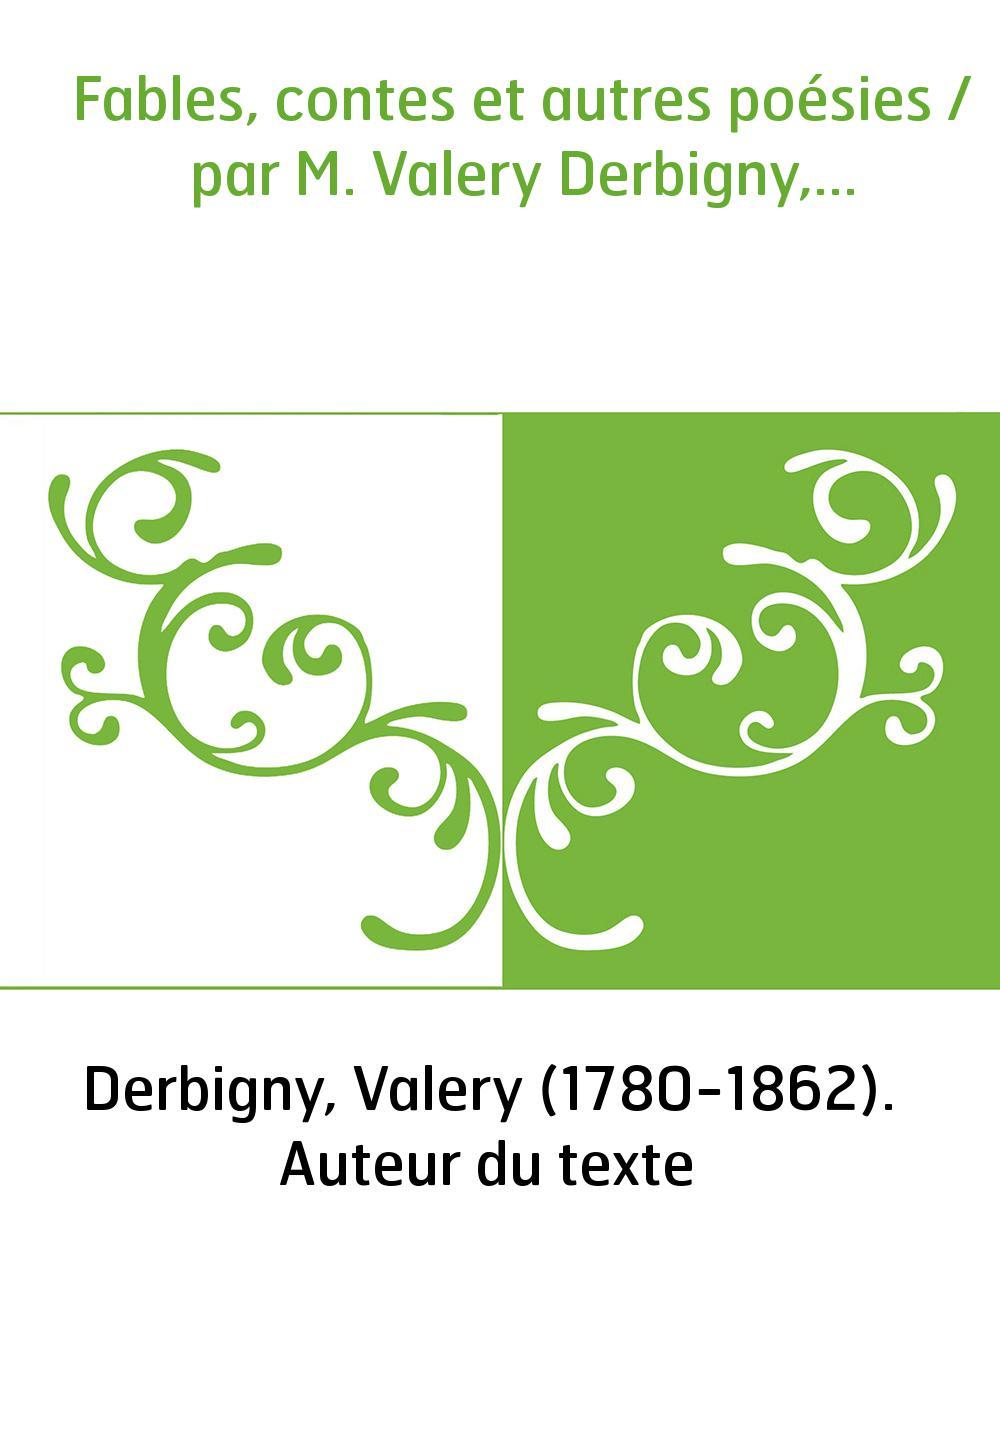 Fables, contes et autres poésies / par M. Valery Derbigny,...